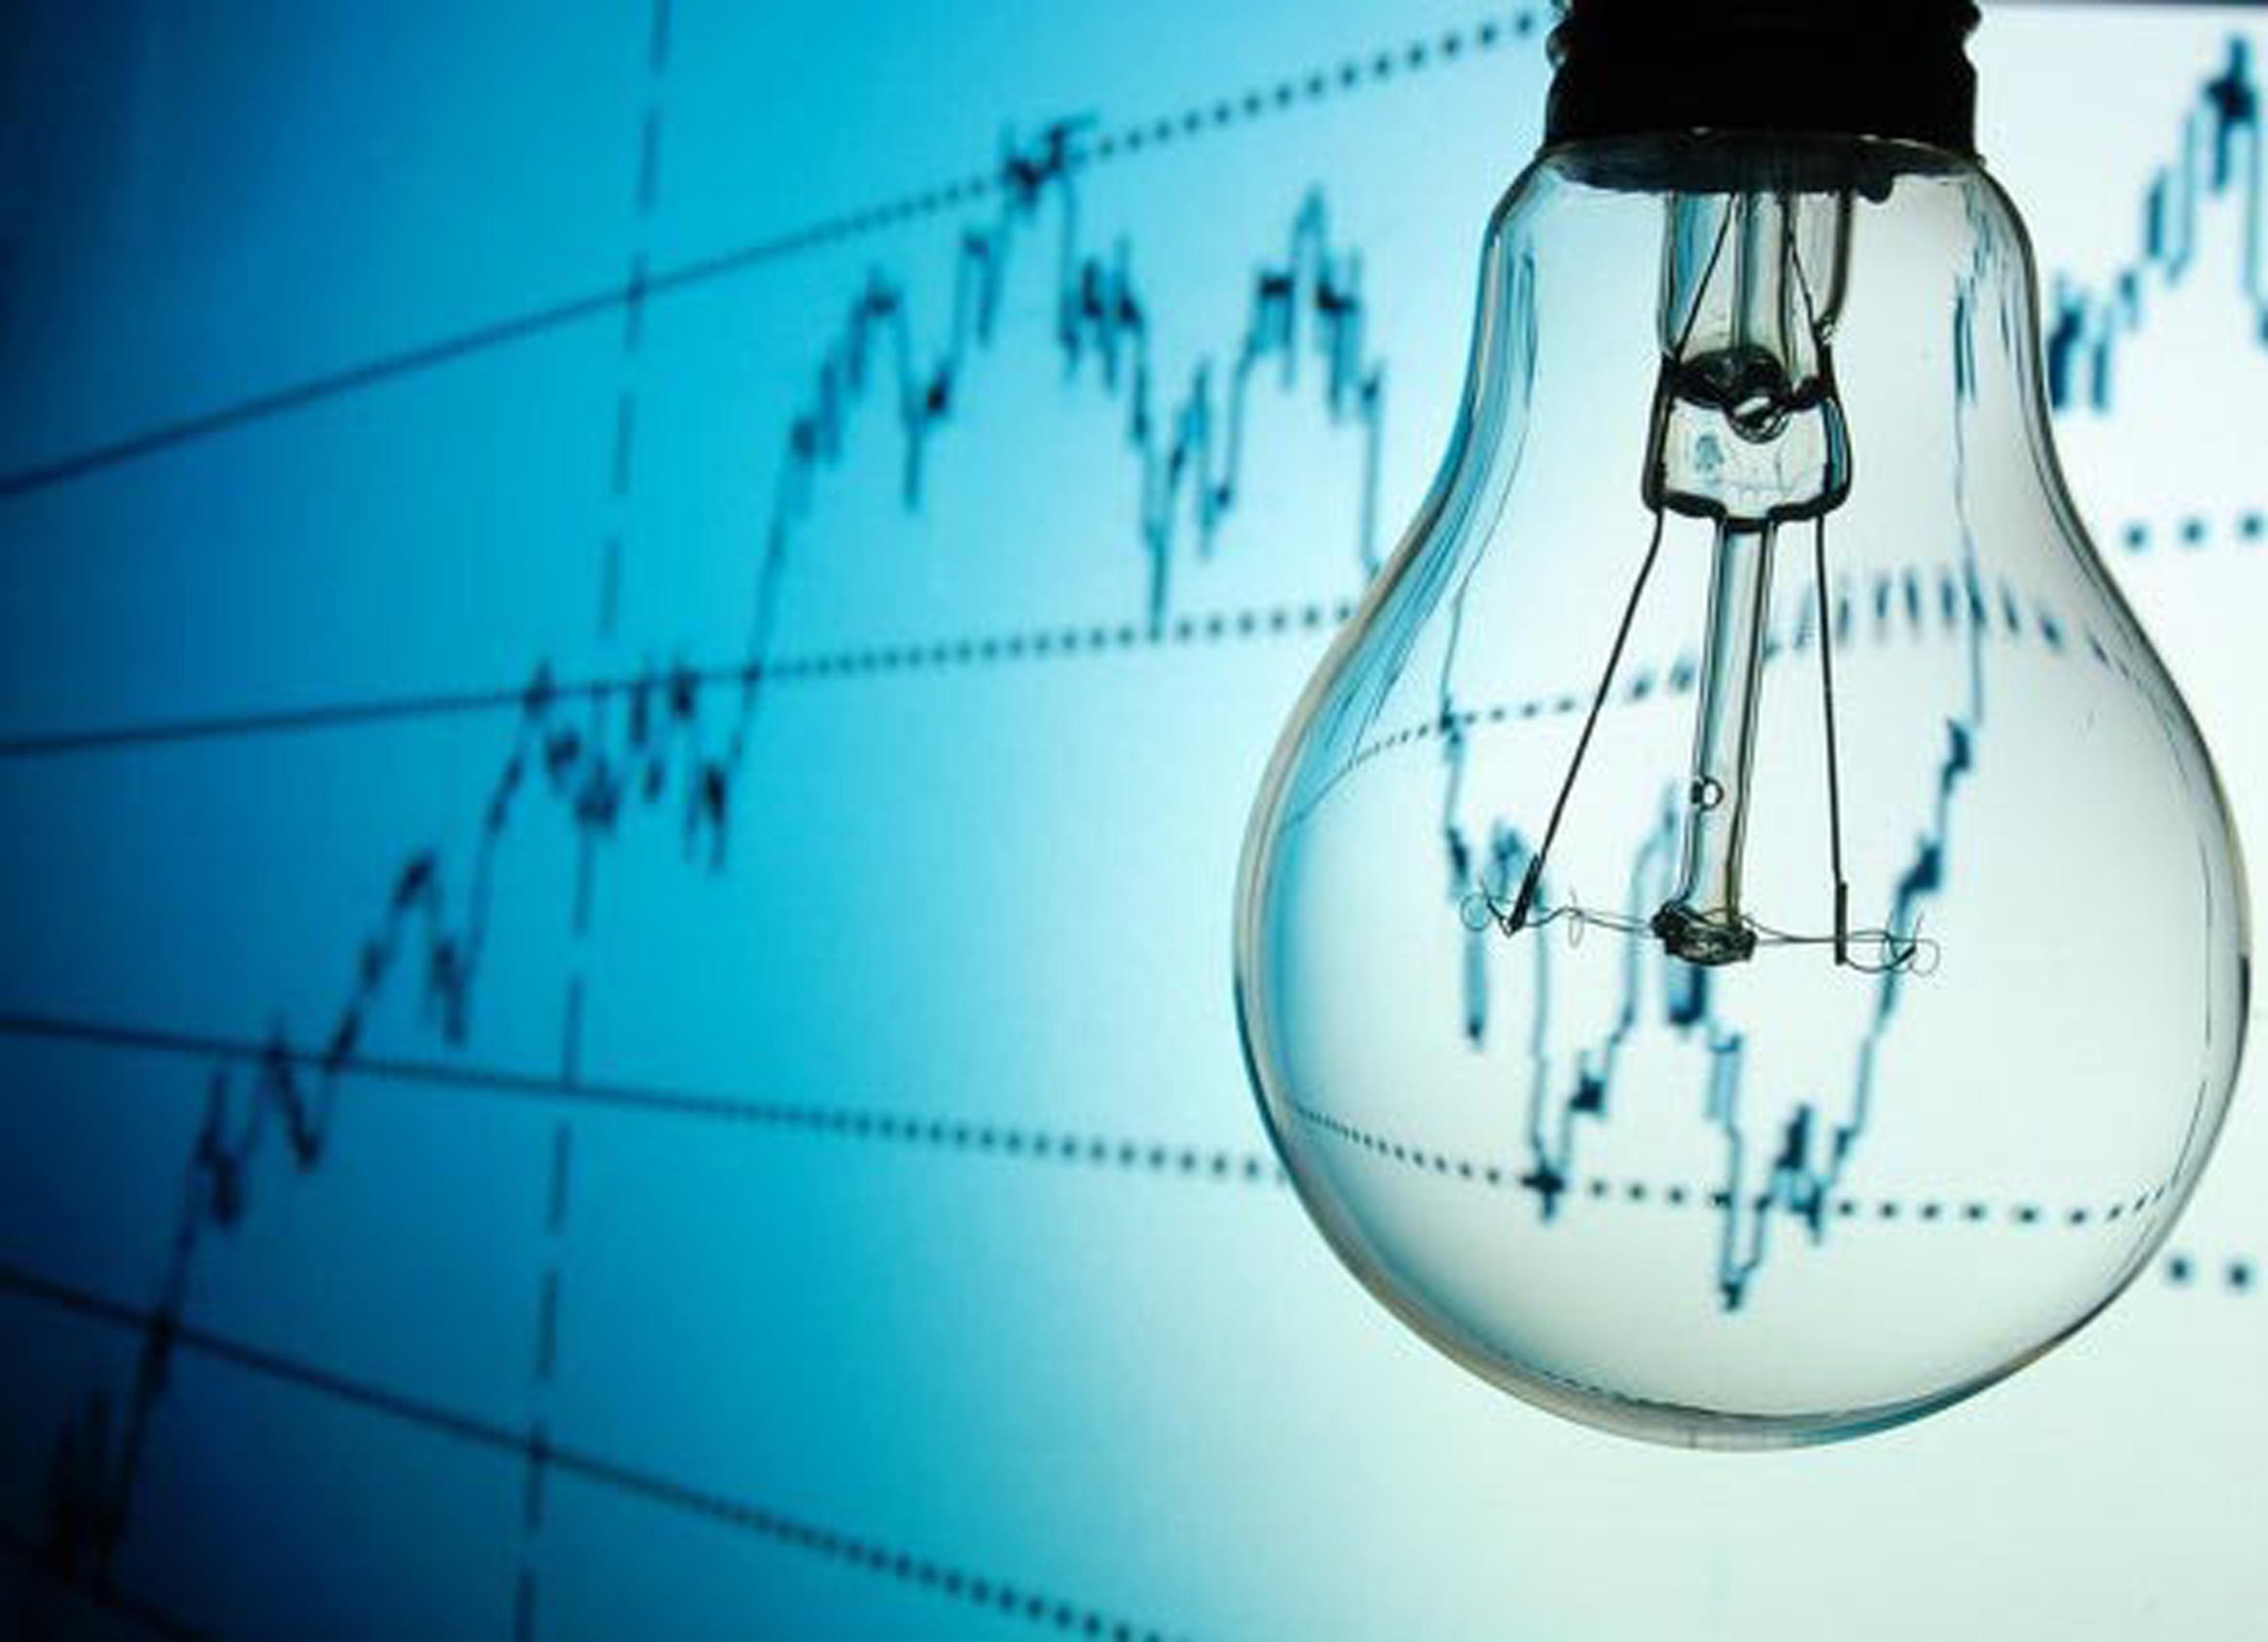 Суть аудита потребляемой электроэнергии